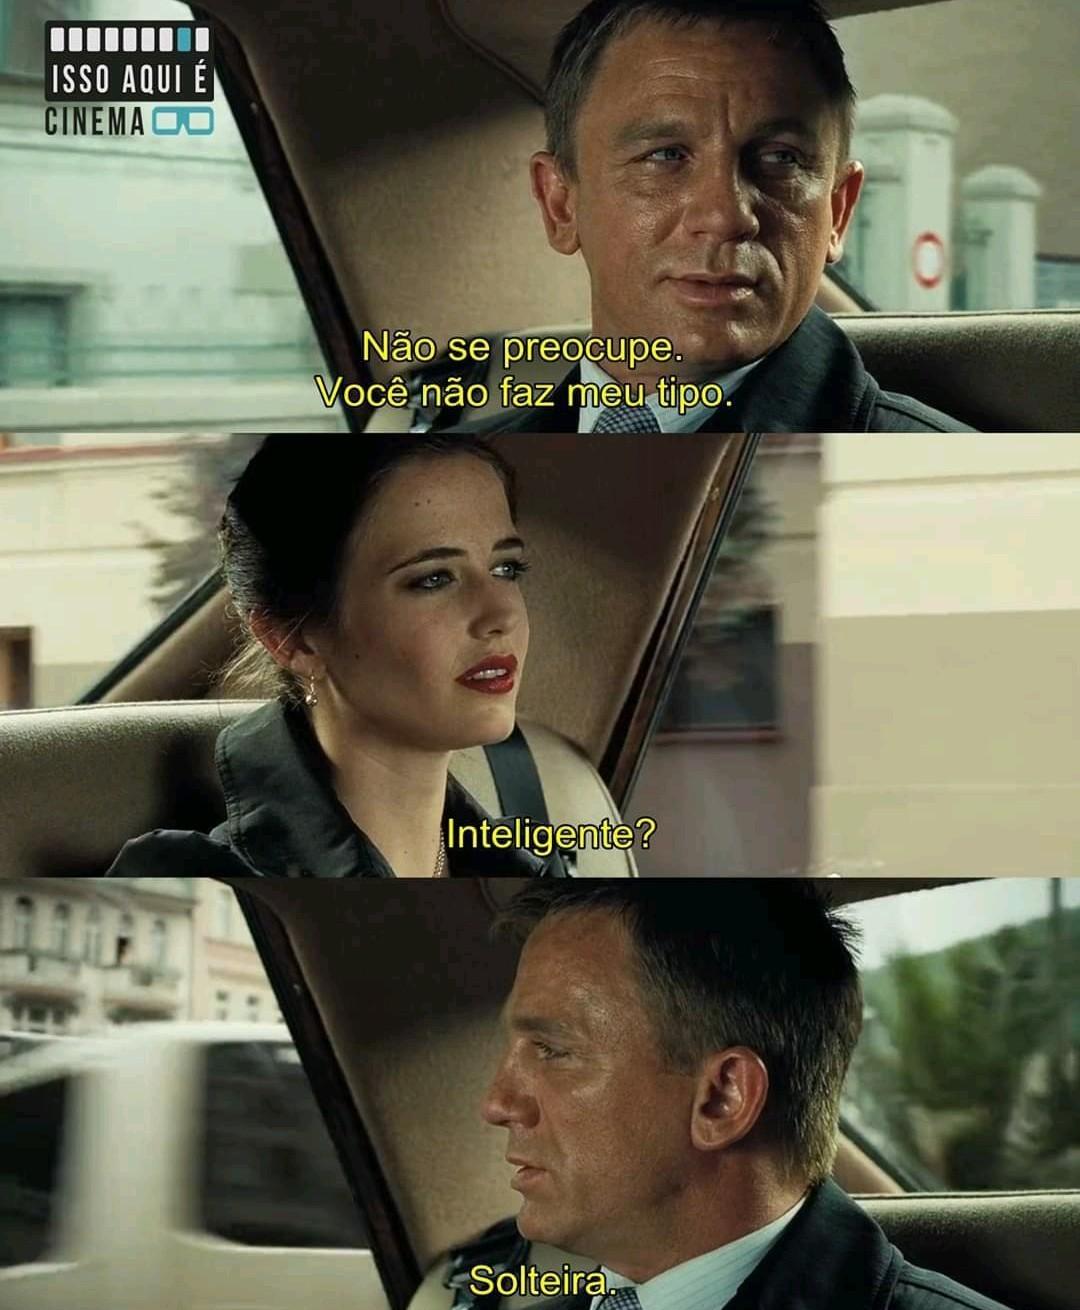 007 comedor de casadas - meme